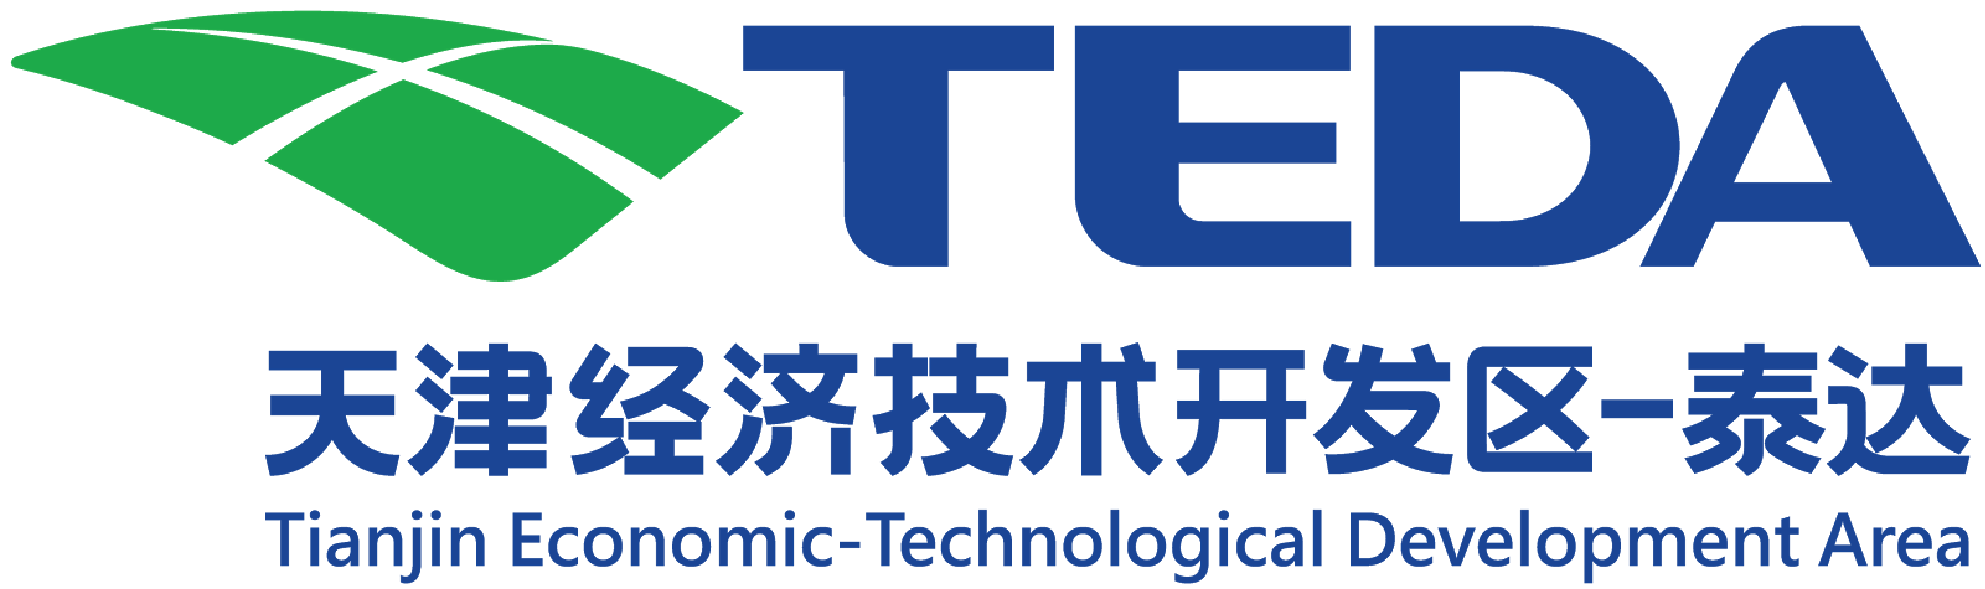 天津经济技术开发区.png